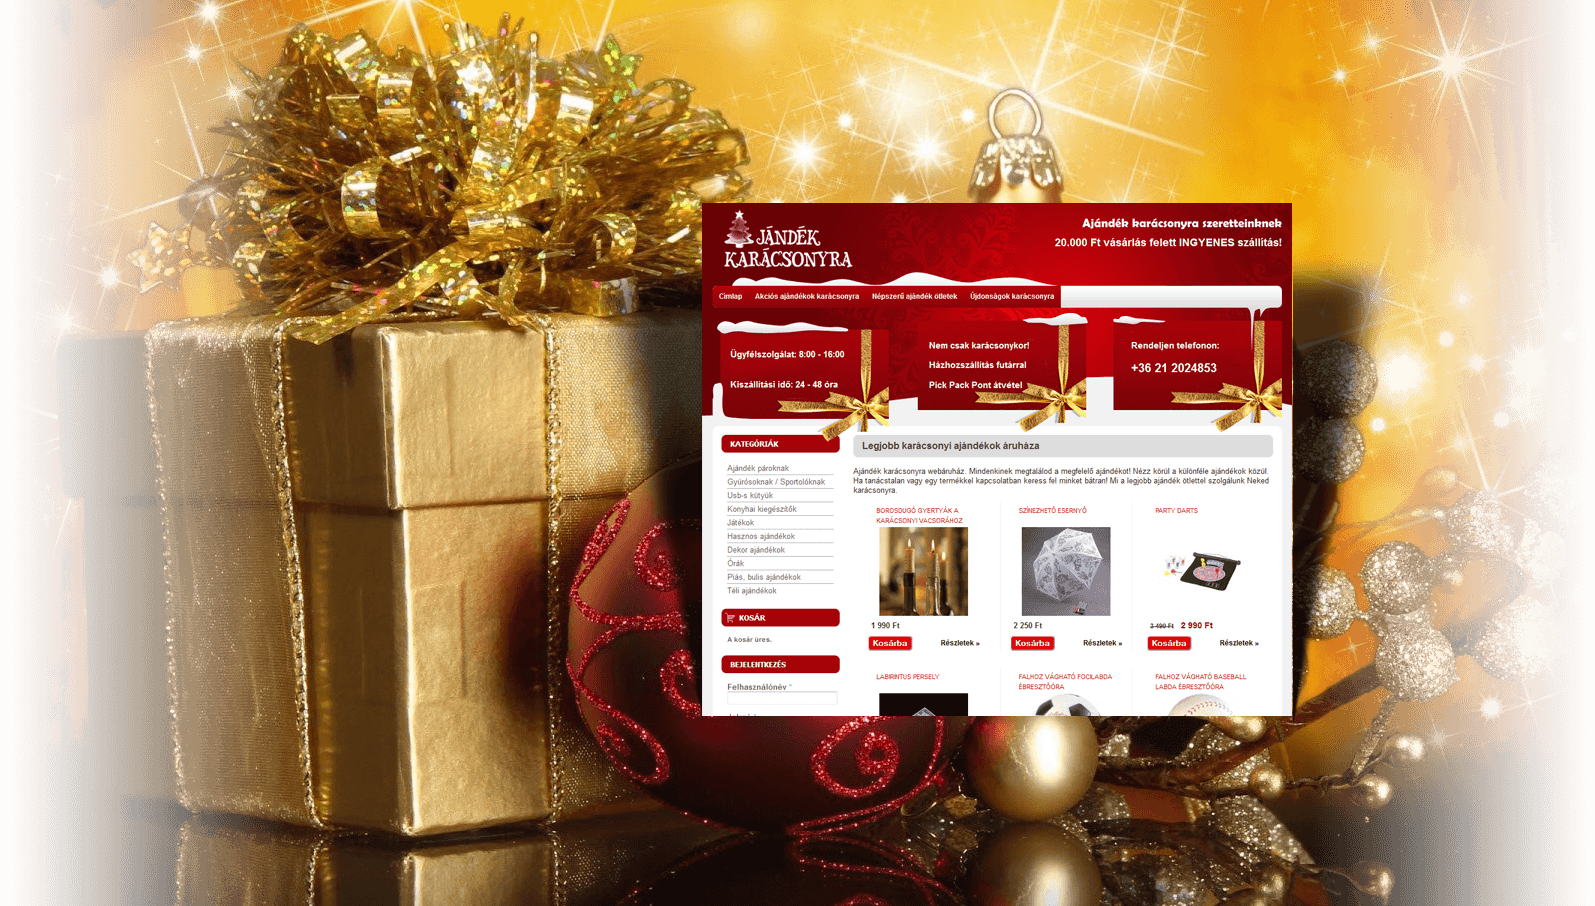 Ajándék karácsonyra drupal webáruház